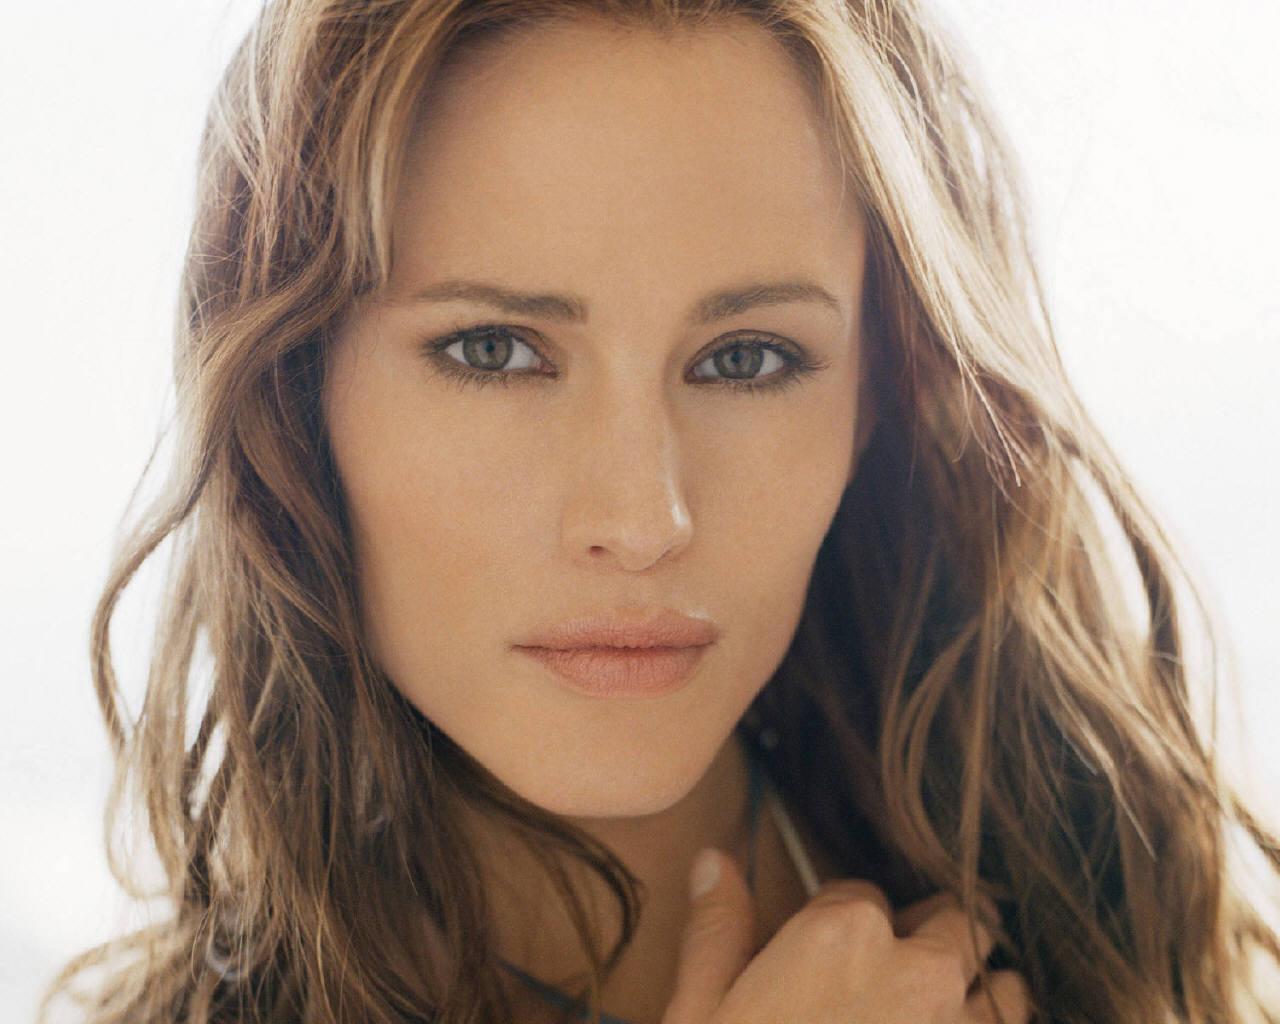 http://images.fanpop.com/images/image_uploads/Jennifer-Garner-jennifer-garner-76671_1280_1024.jpg